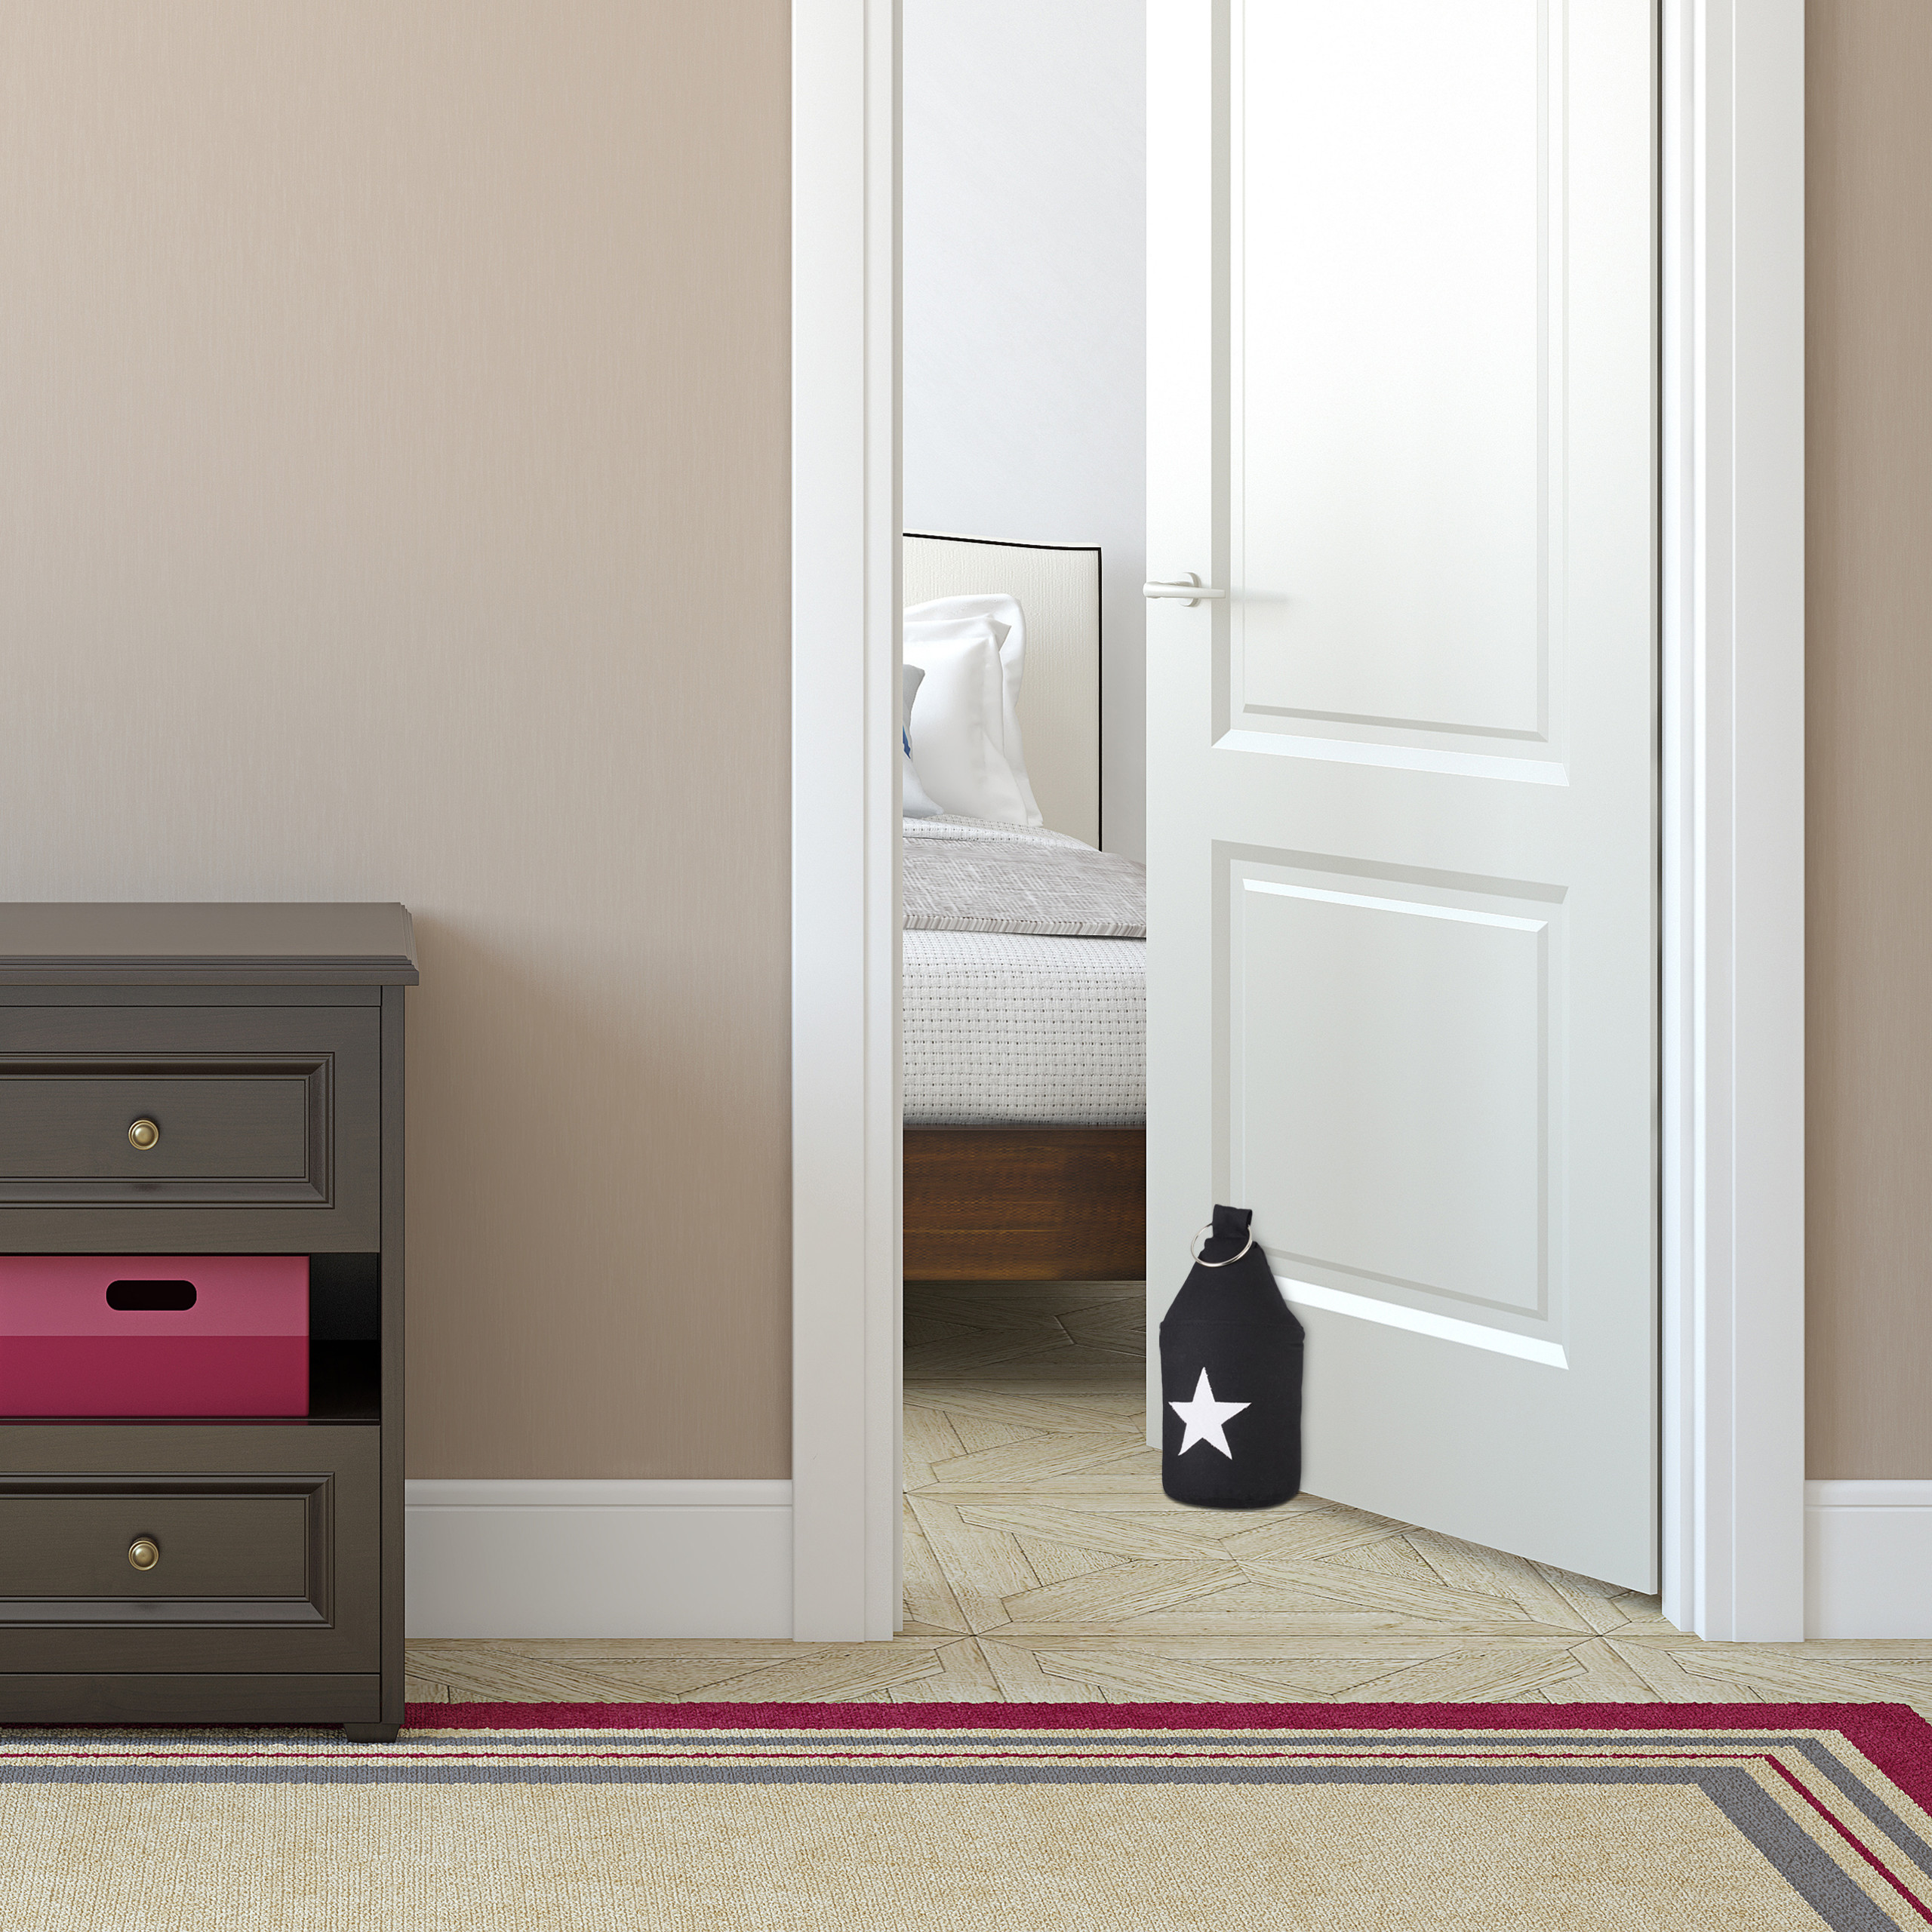 Door-Stop-with-Star-Fabric-Bumper-Floor-Doorstop-Tall-with-Handle-Chic thumbnail 10